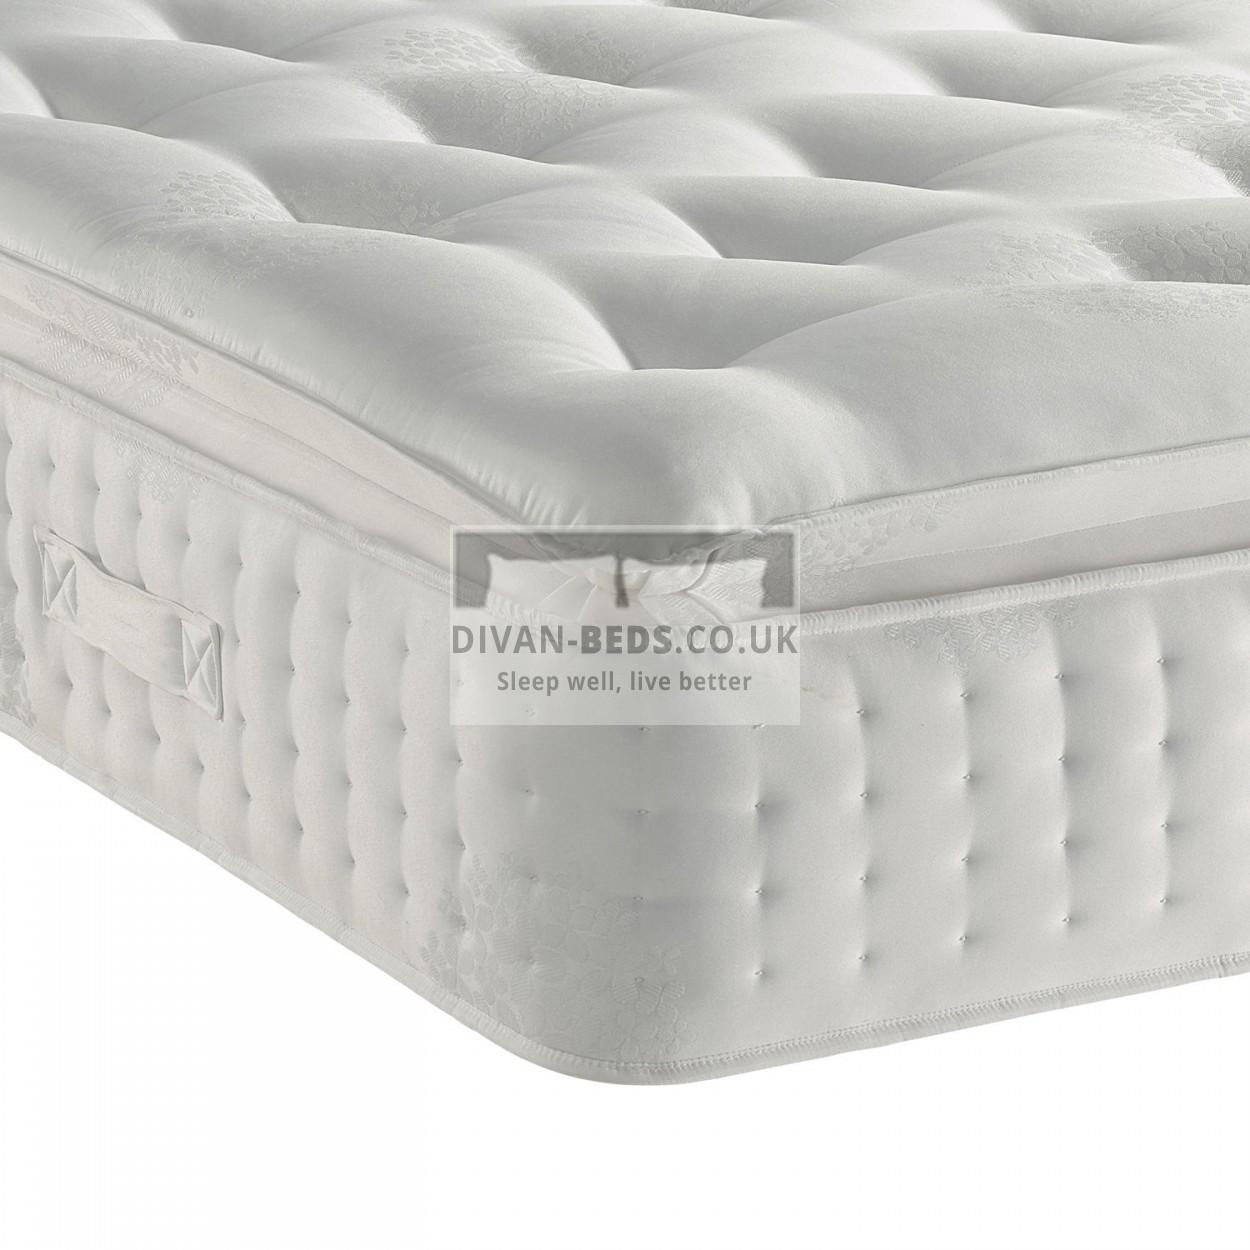 3000 Pocket Spring Orthopaedic Organic Pillow Top Mattress